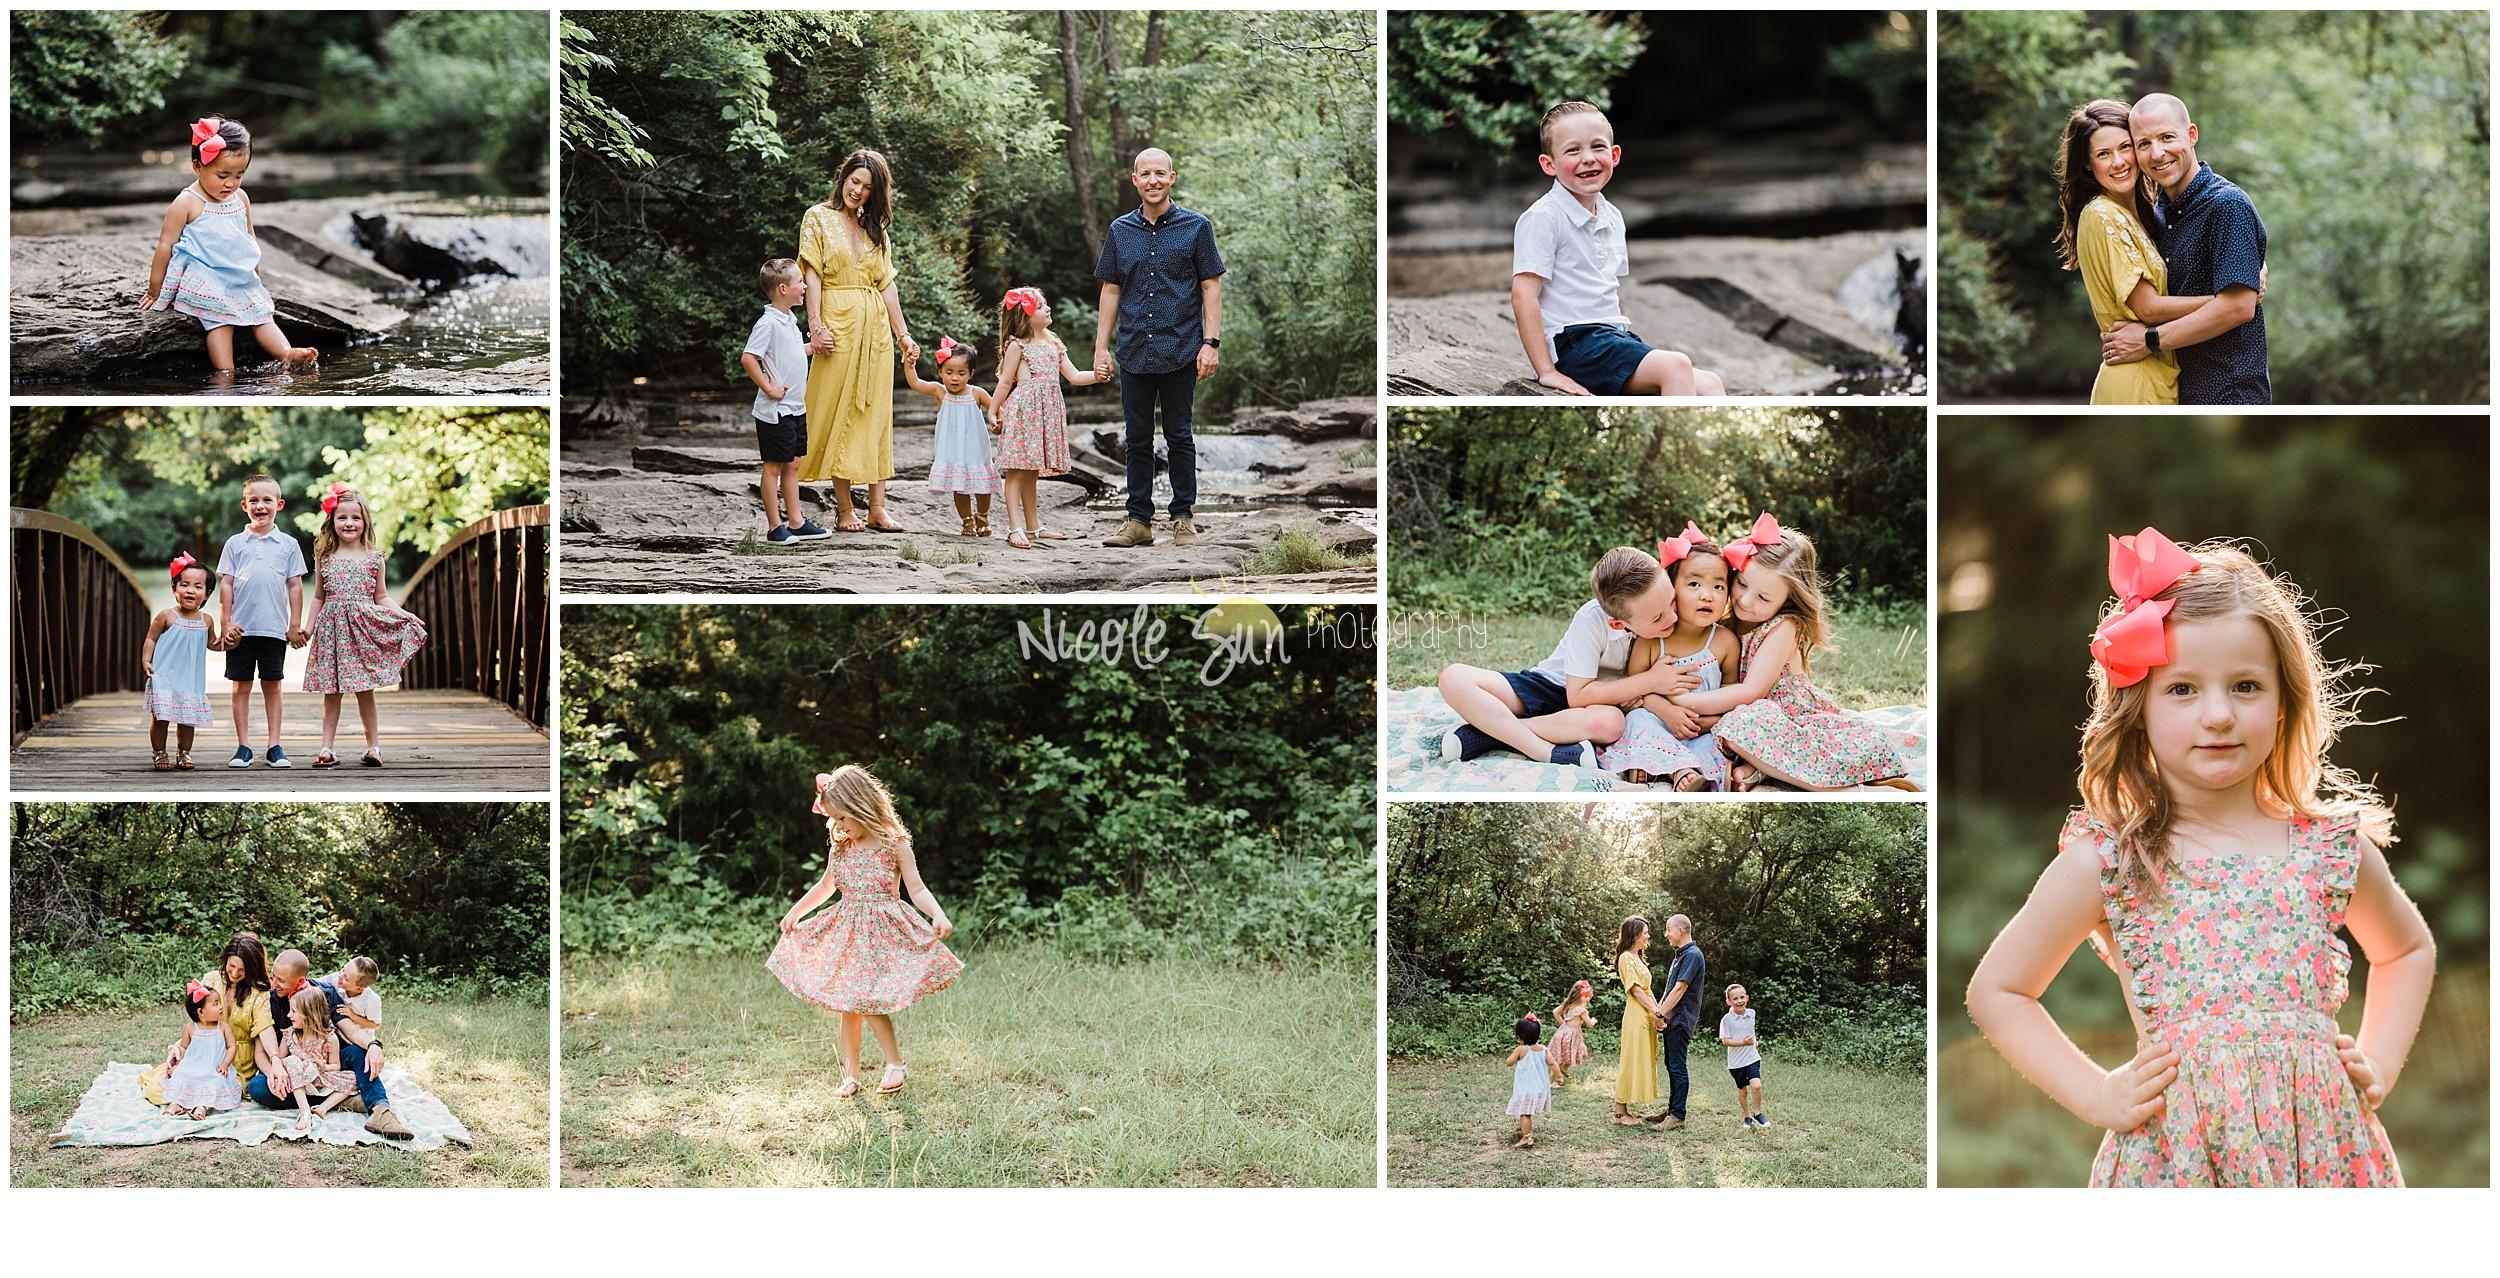 friscofamilyphotographer.jpg